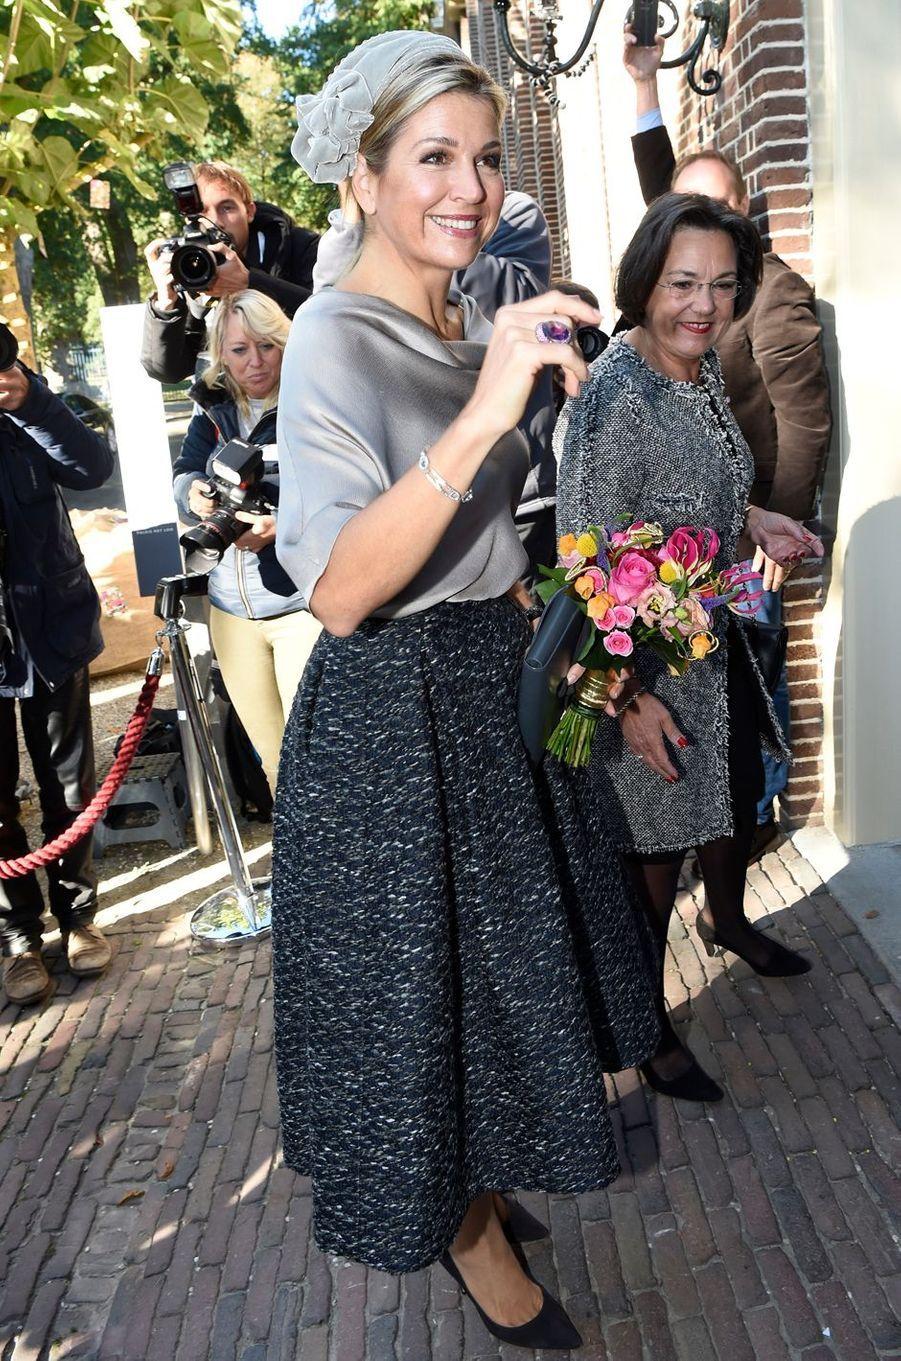 La reine Maxima des Pays-Bas vient inaugurer une exposition à Apeldoorn, le 5 octobre 2016